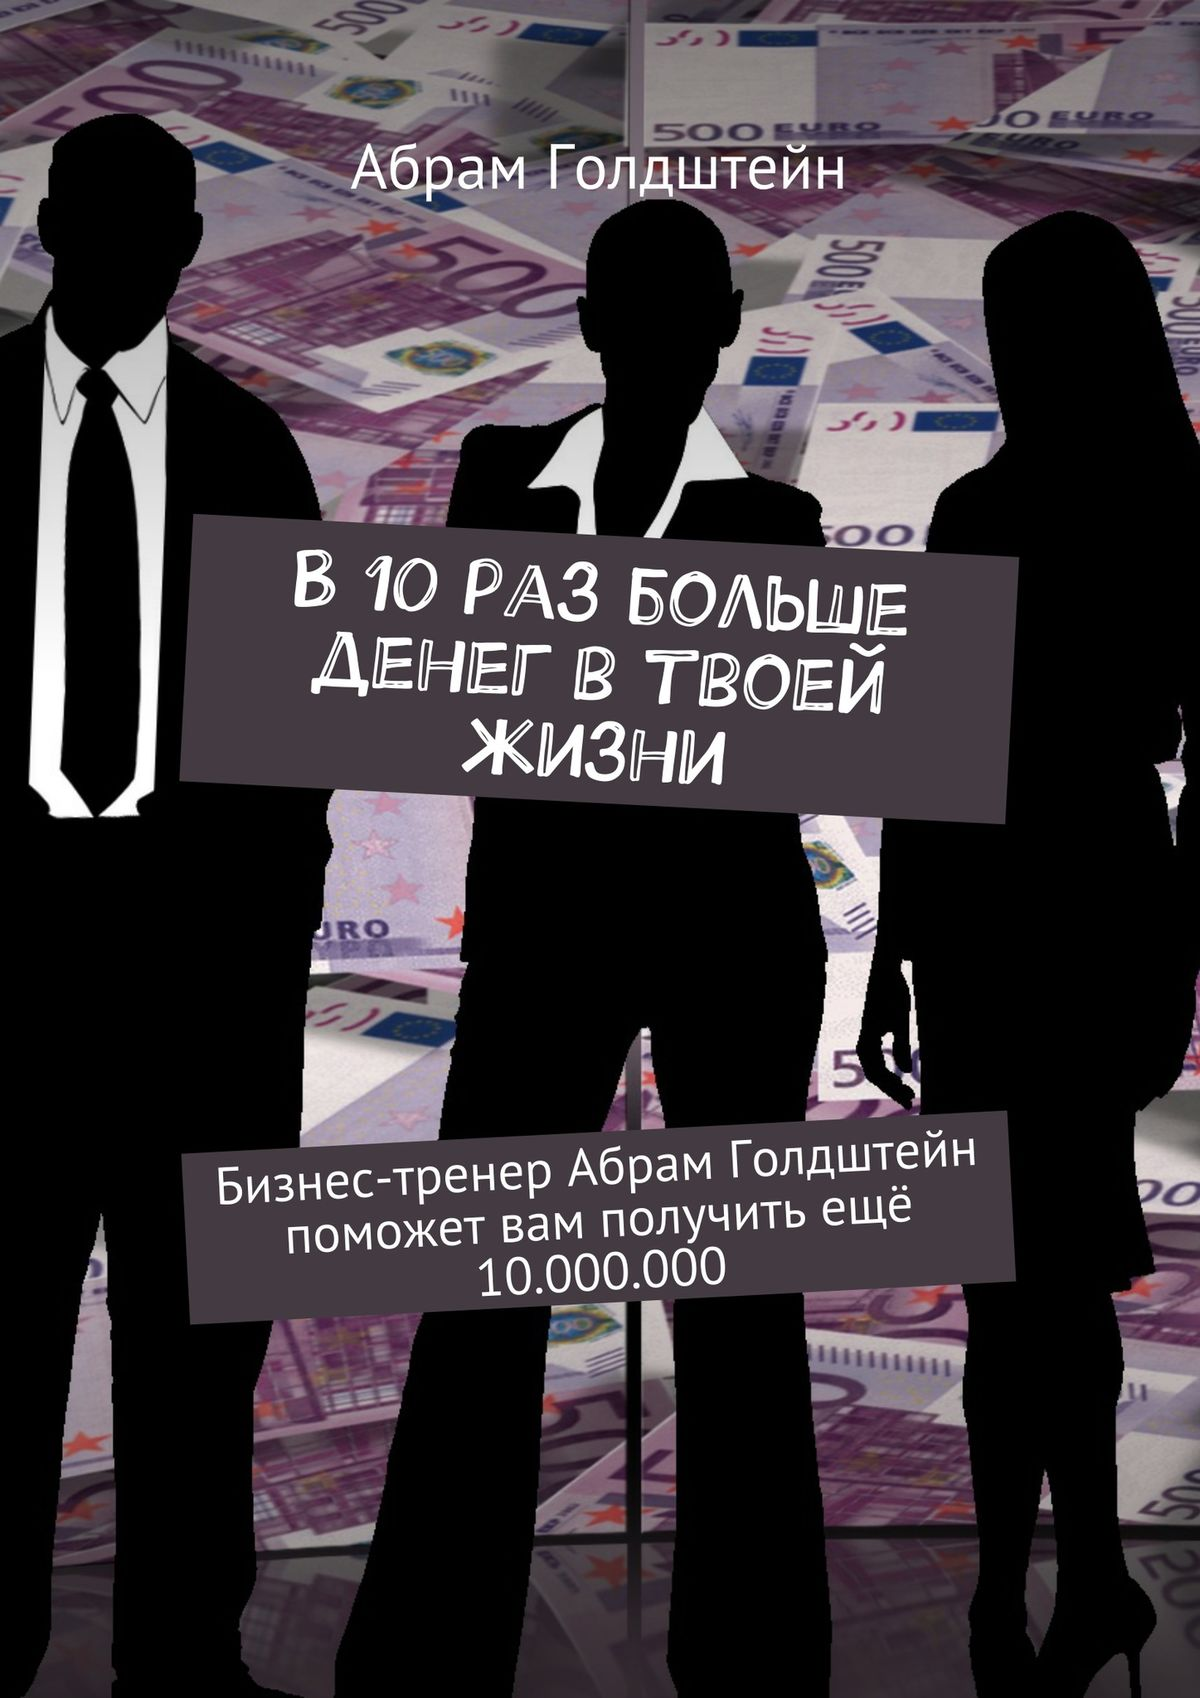 В10раз больше денег втвоей жизни. Бизнес-тренер Абрам Голдштейн поможет вам получить ещё 10.000.000